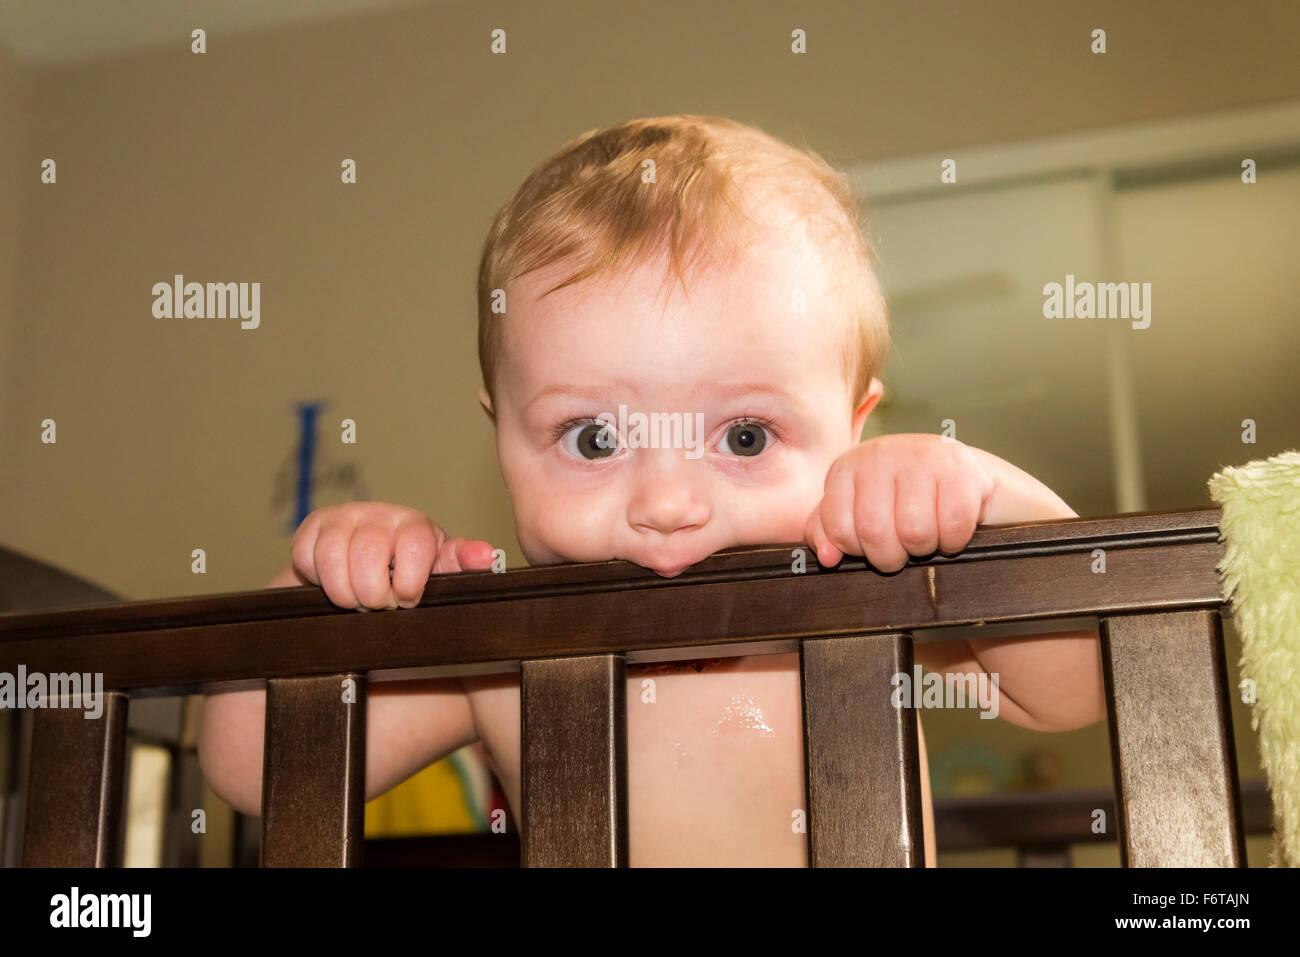 Baby teething - Stock Image